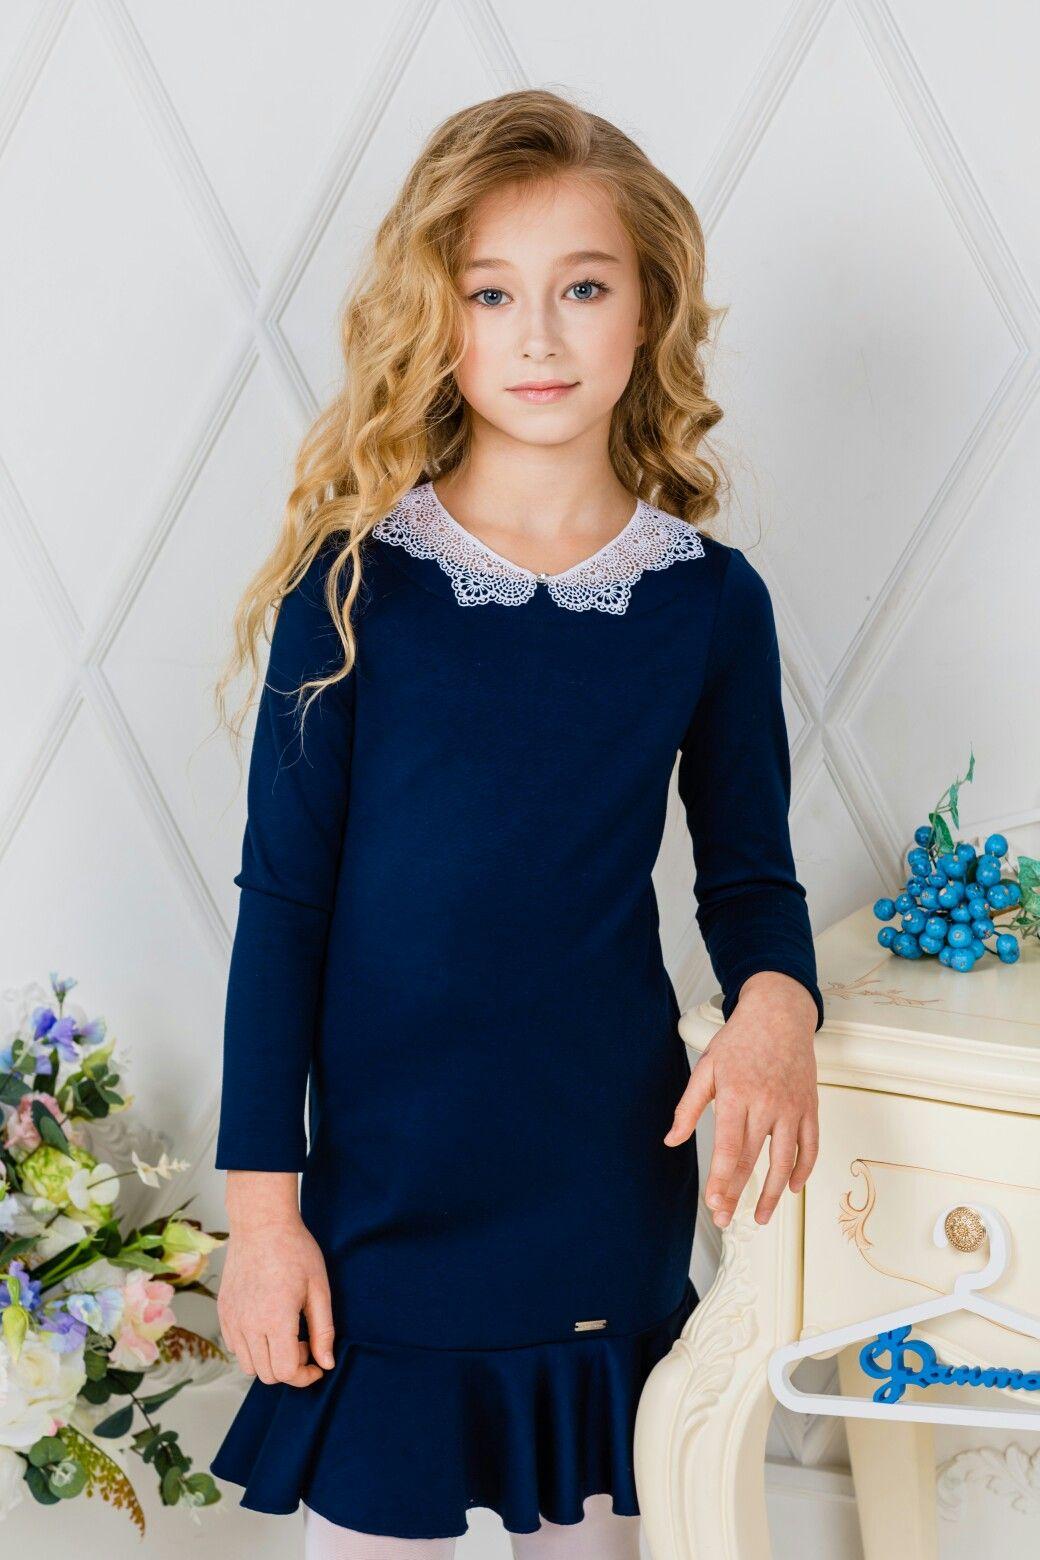 Фантазеры платья для девочек